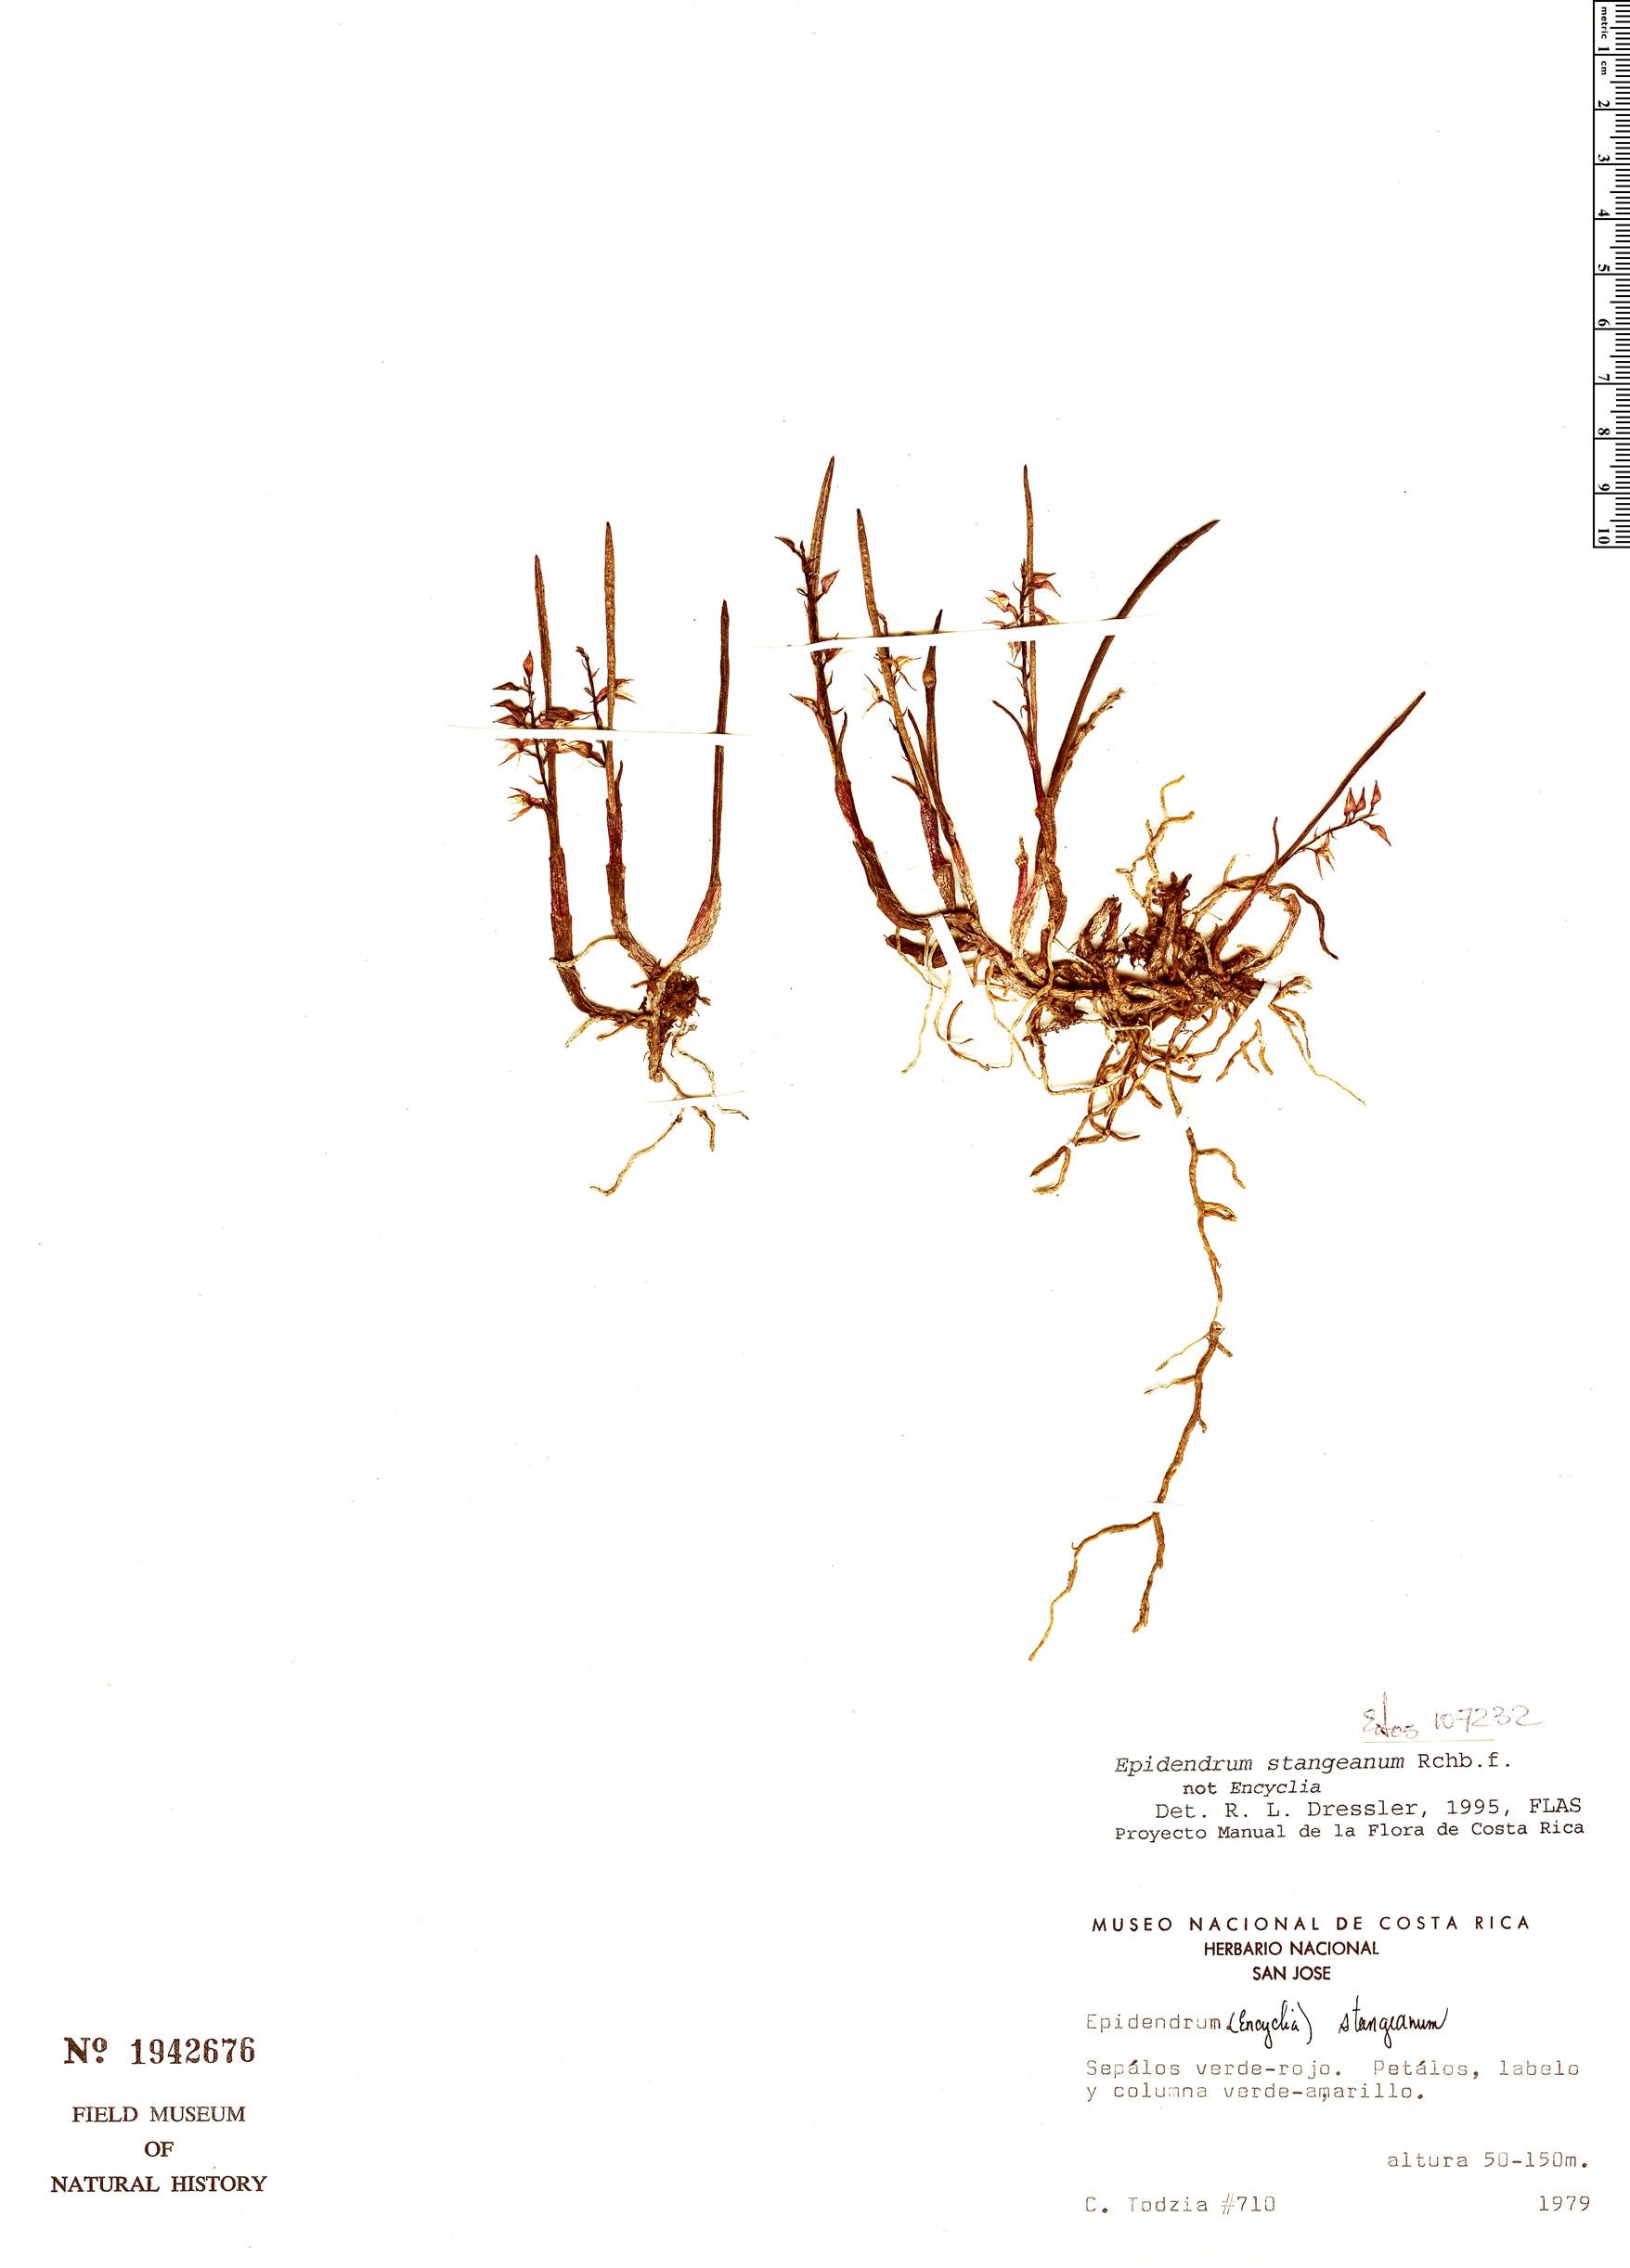 Specimen: Epidendrum stangeanum